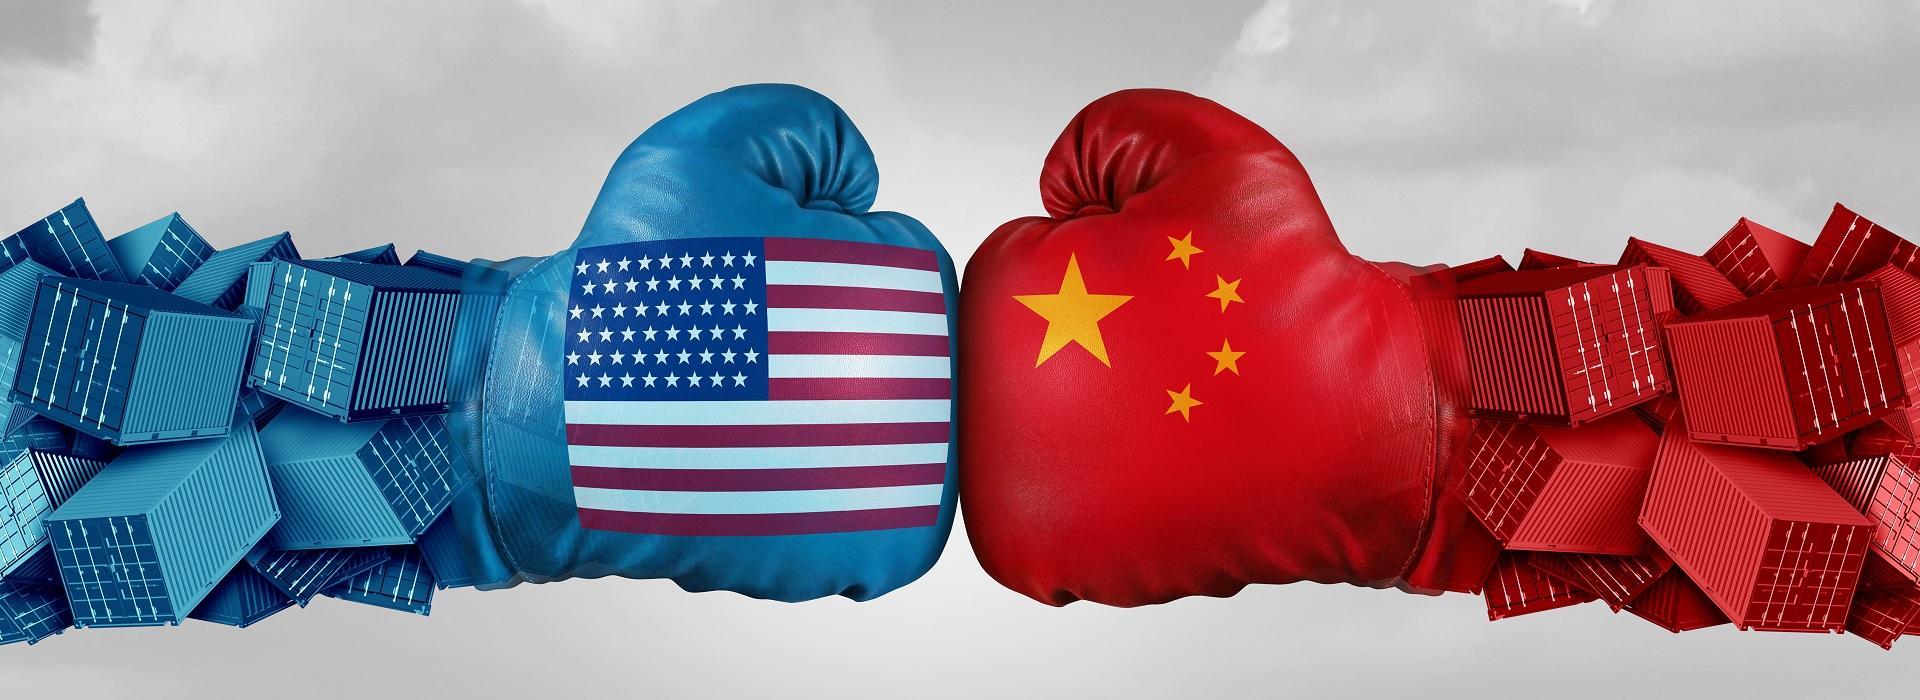 狠下心要長期抗戰?面對美中貿易戰 中國還有三招可以出